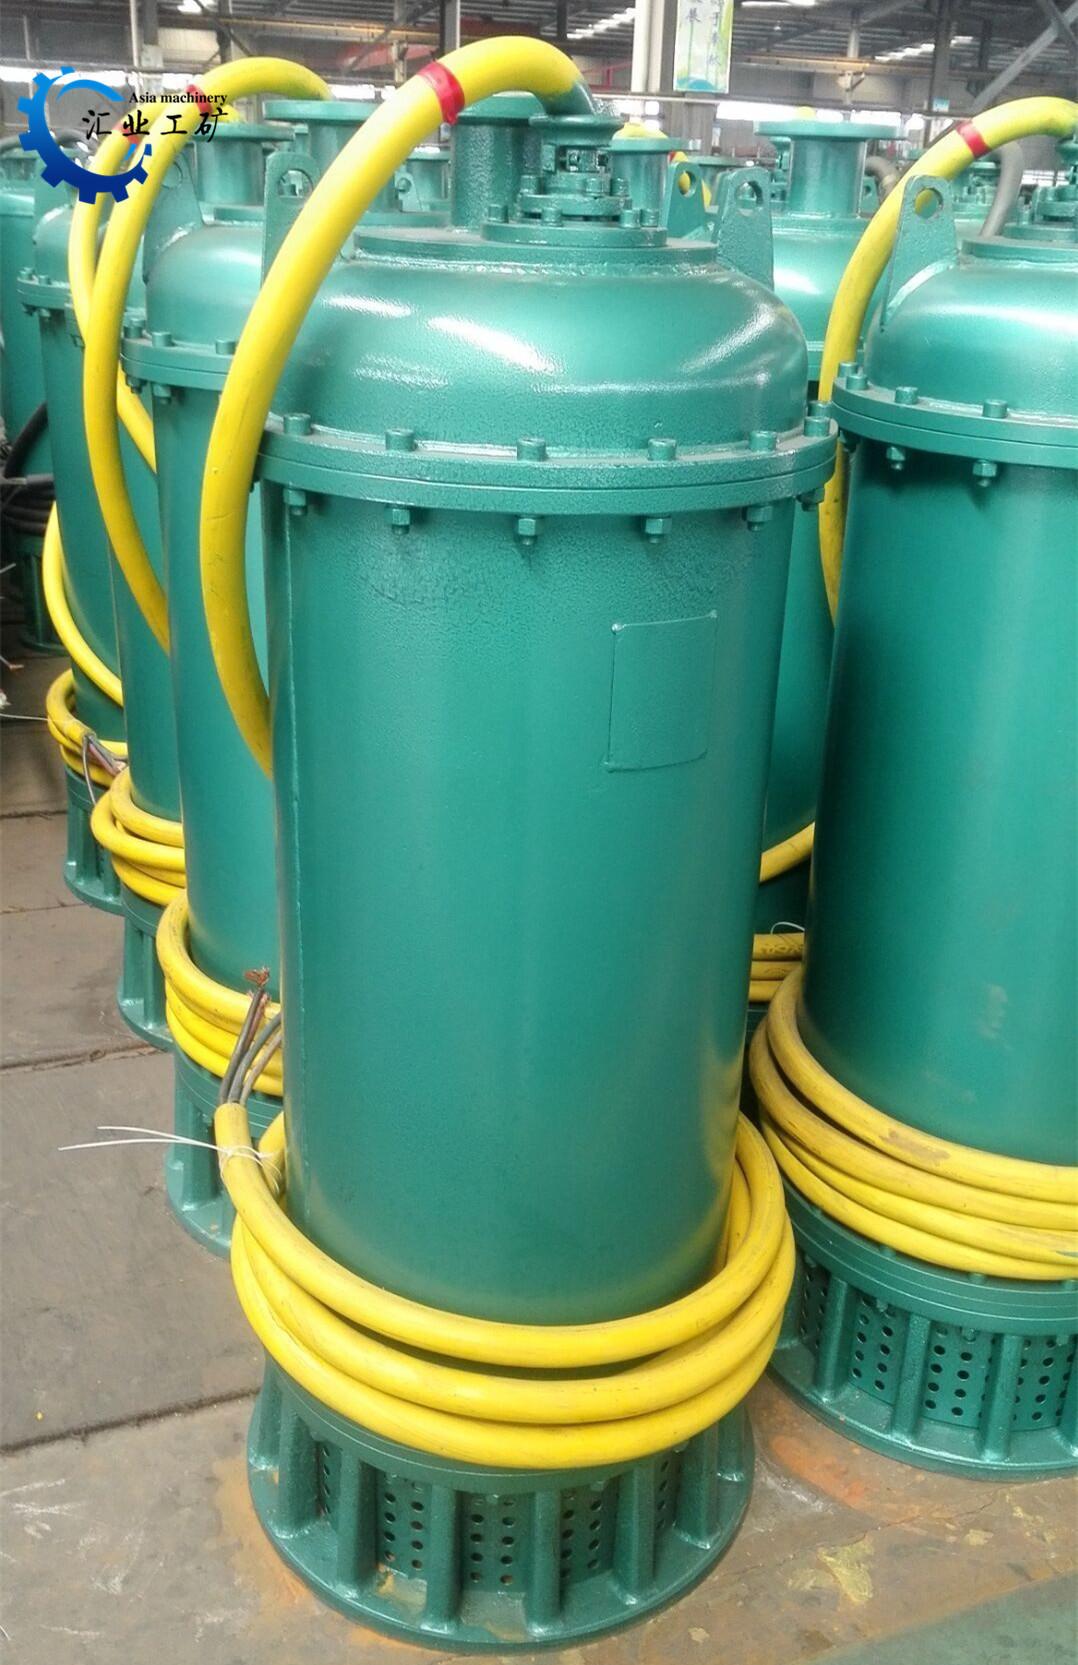 BQS12-50-5.5污水排沙电泵 BQS型隔爆潜水排沙电泵